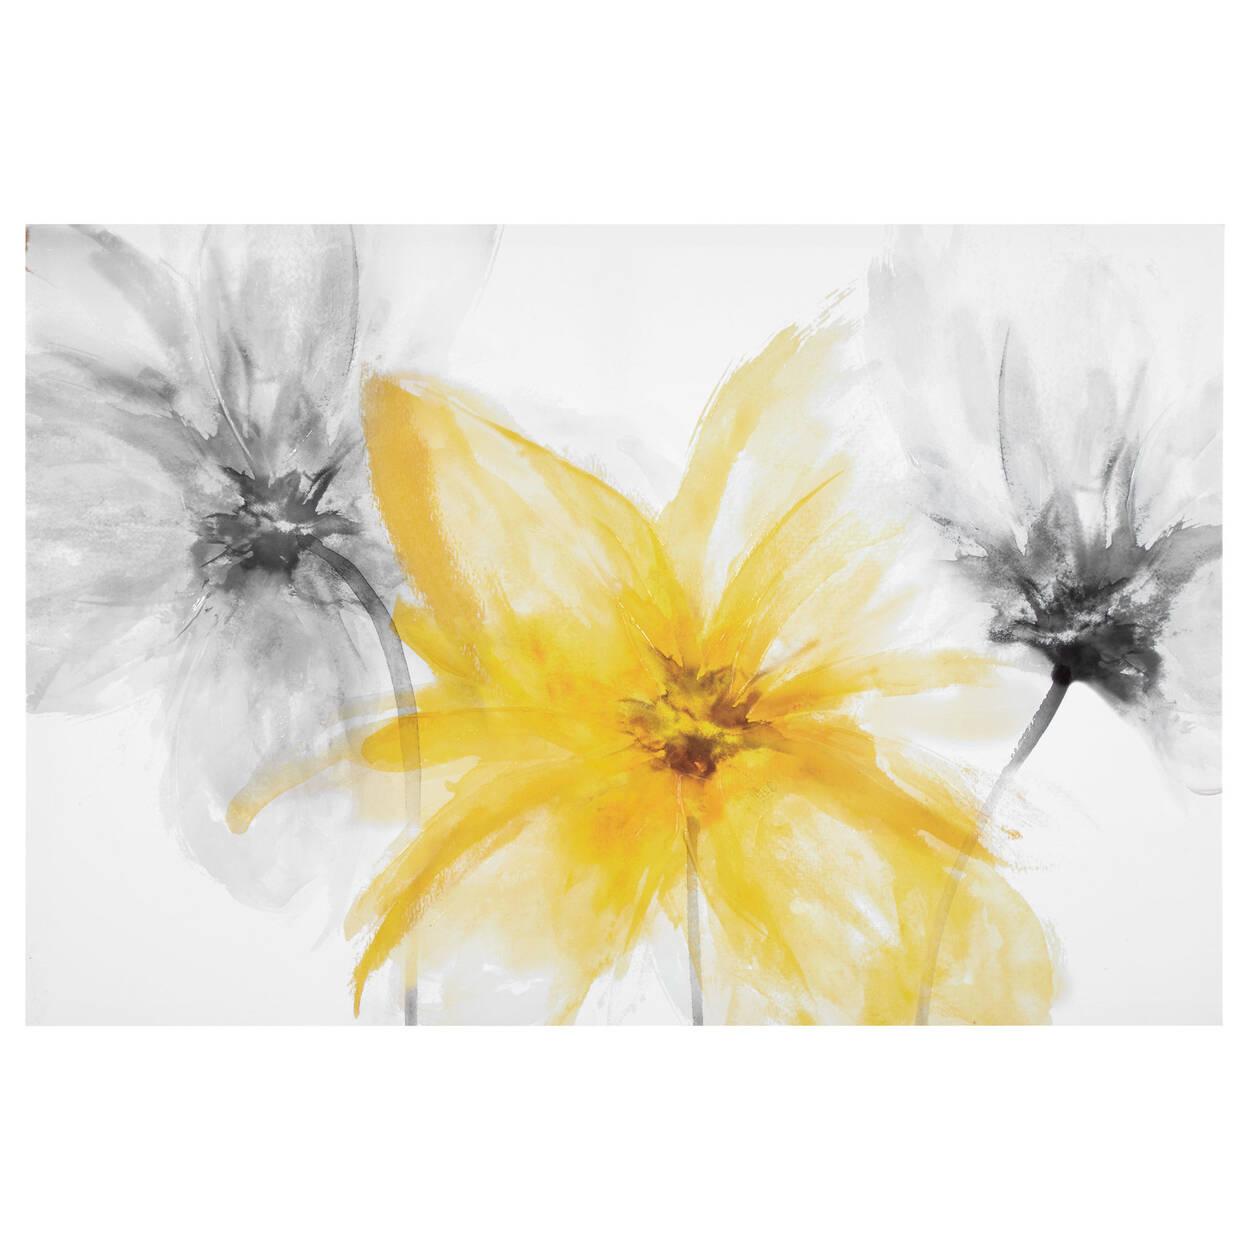 Gel Embellished Floral Printed Canvas